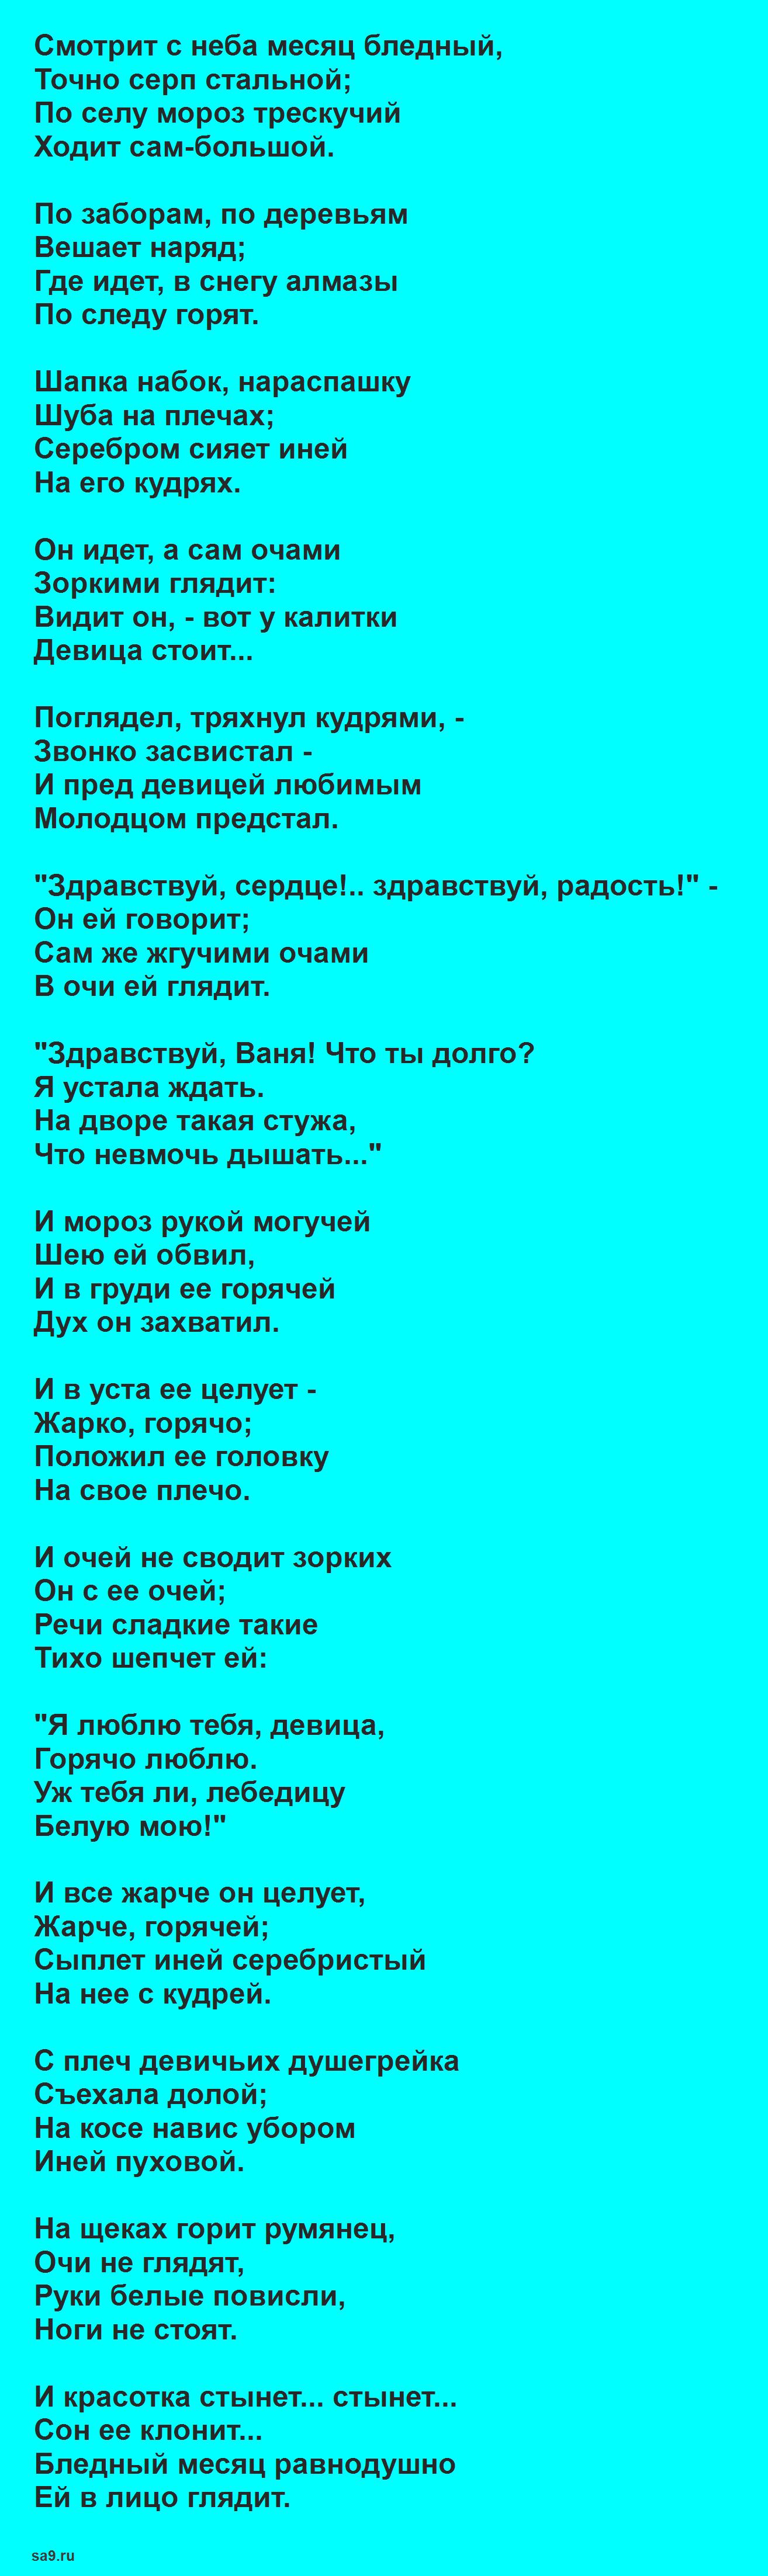 Читать красивые стихи Сурикова - Мороз